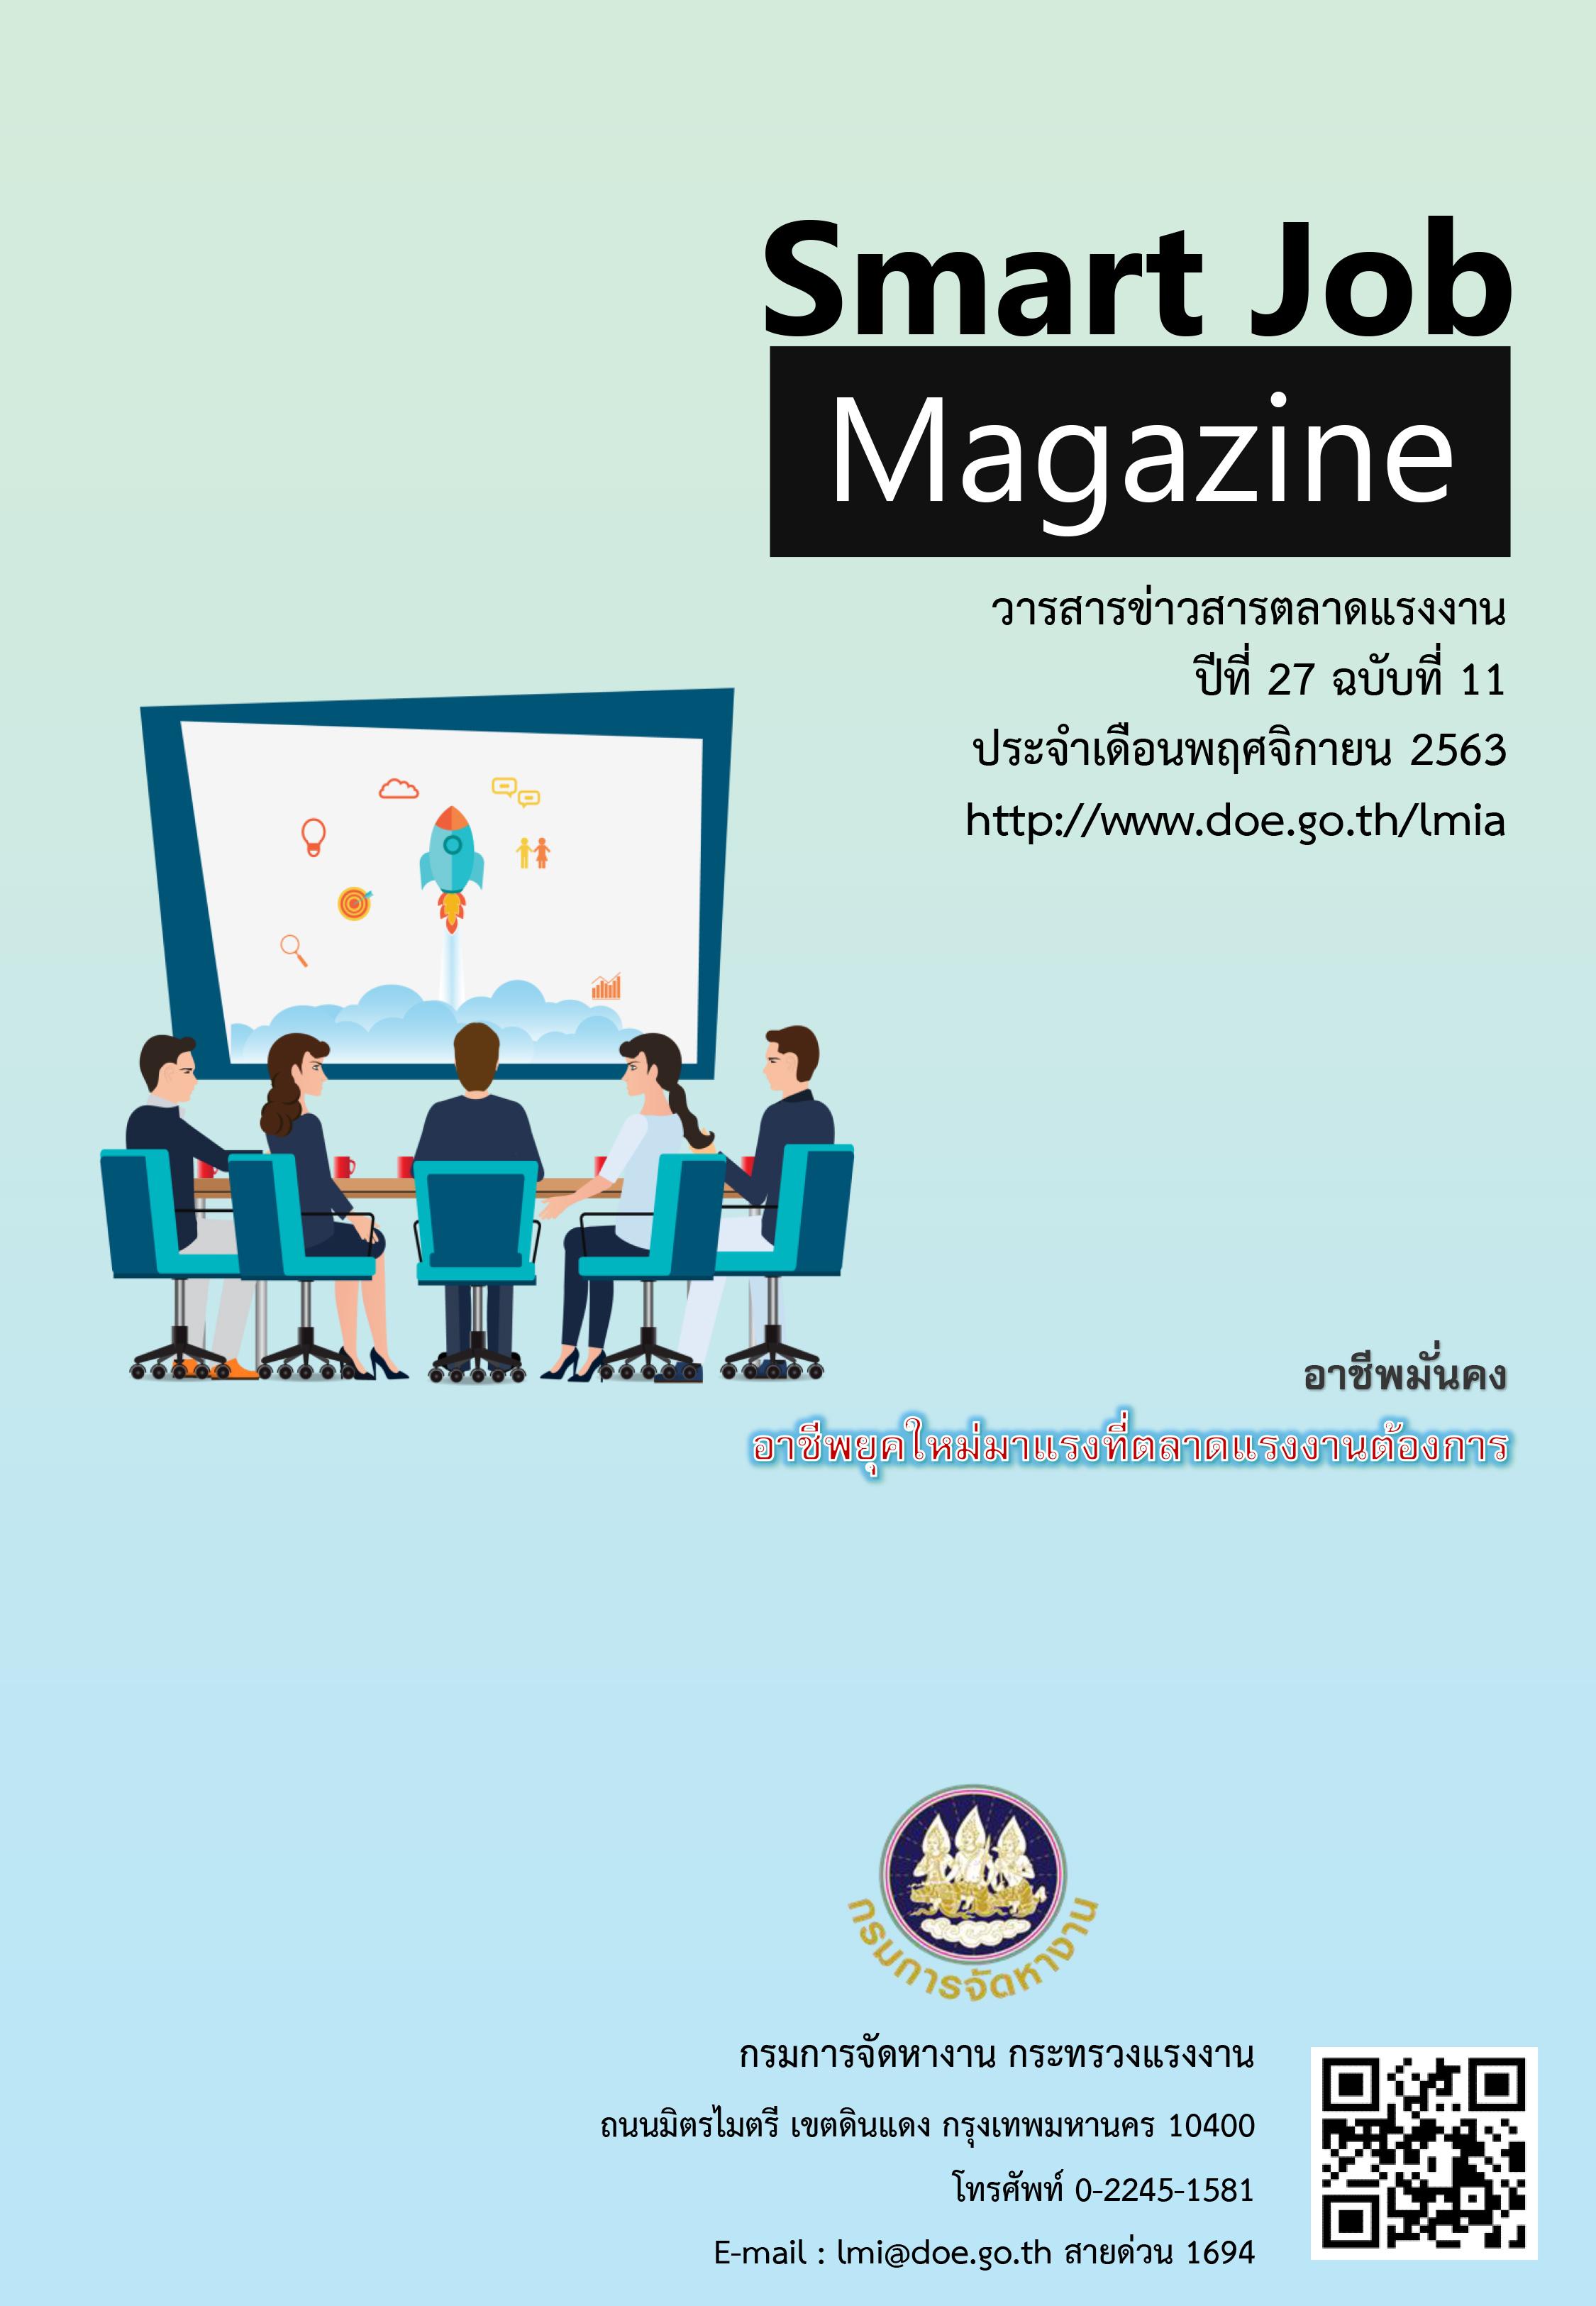 วารสารข่าวสารตลาดแรงงาน ปีที่ 27 ฉบับที่ 11 เดือนพฤศจิกายน 2563